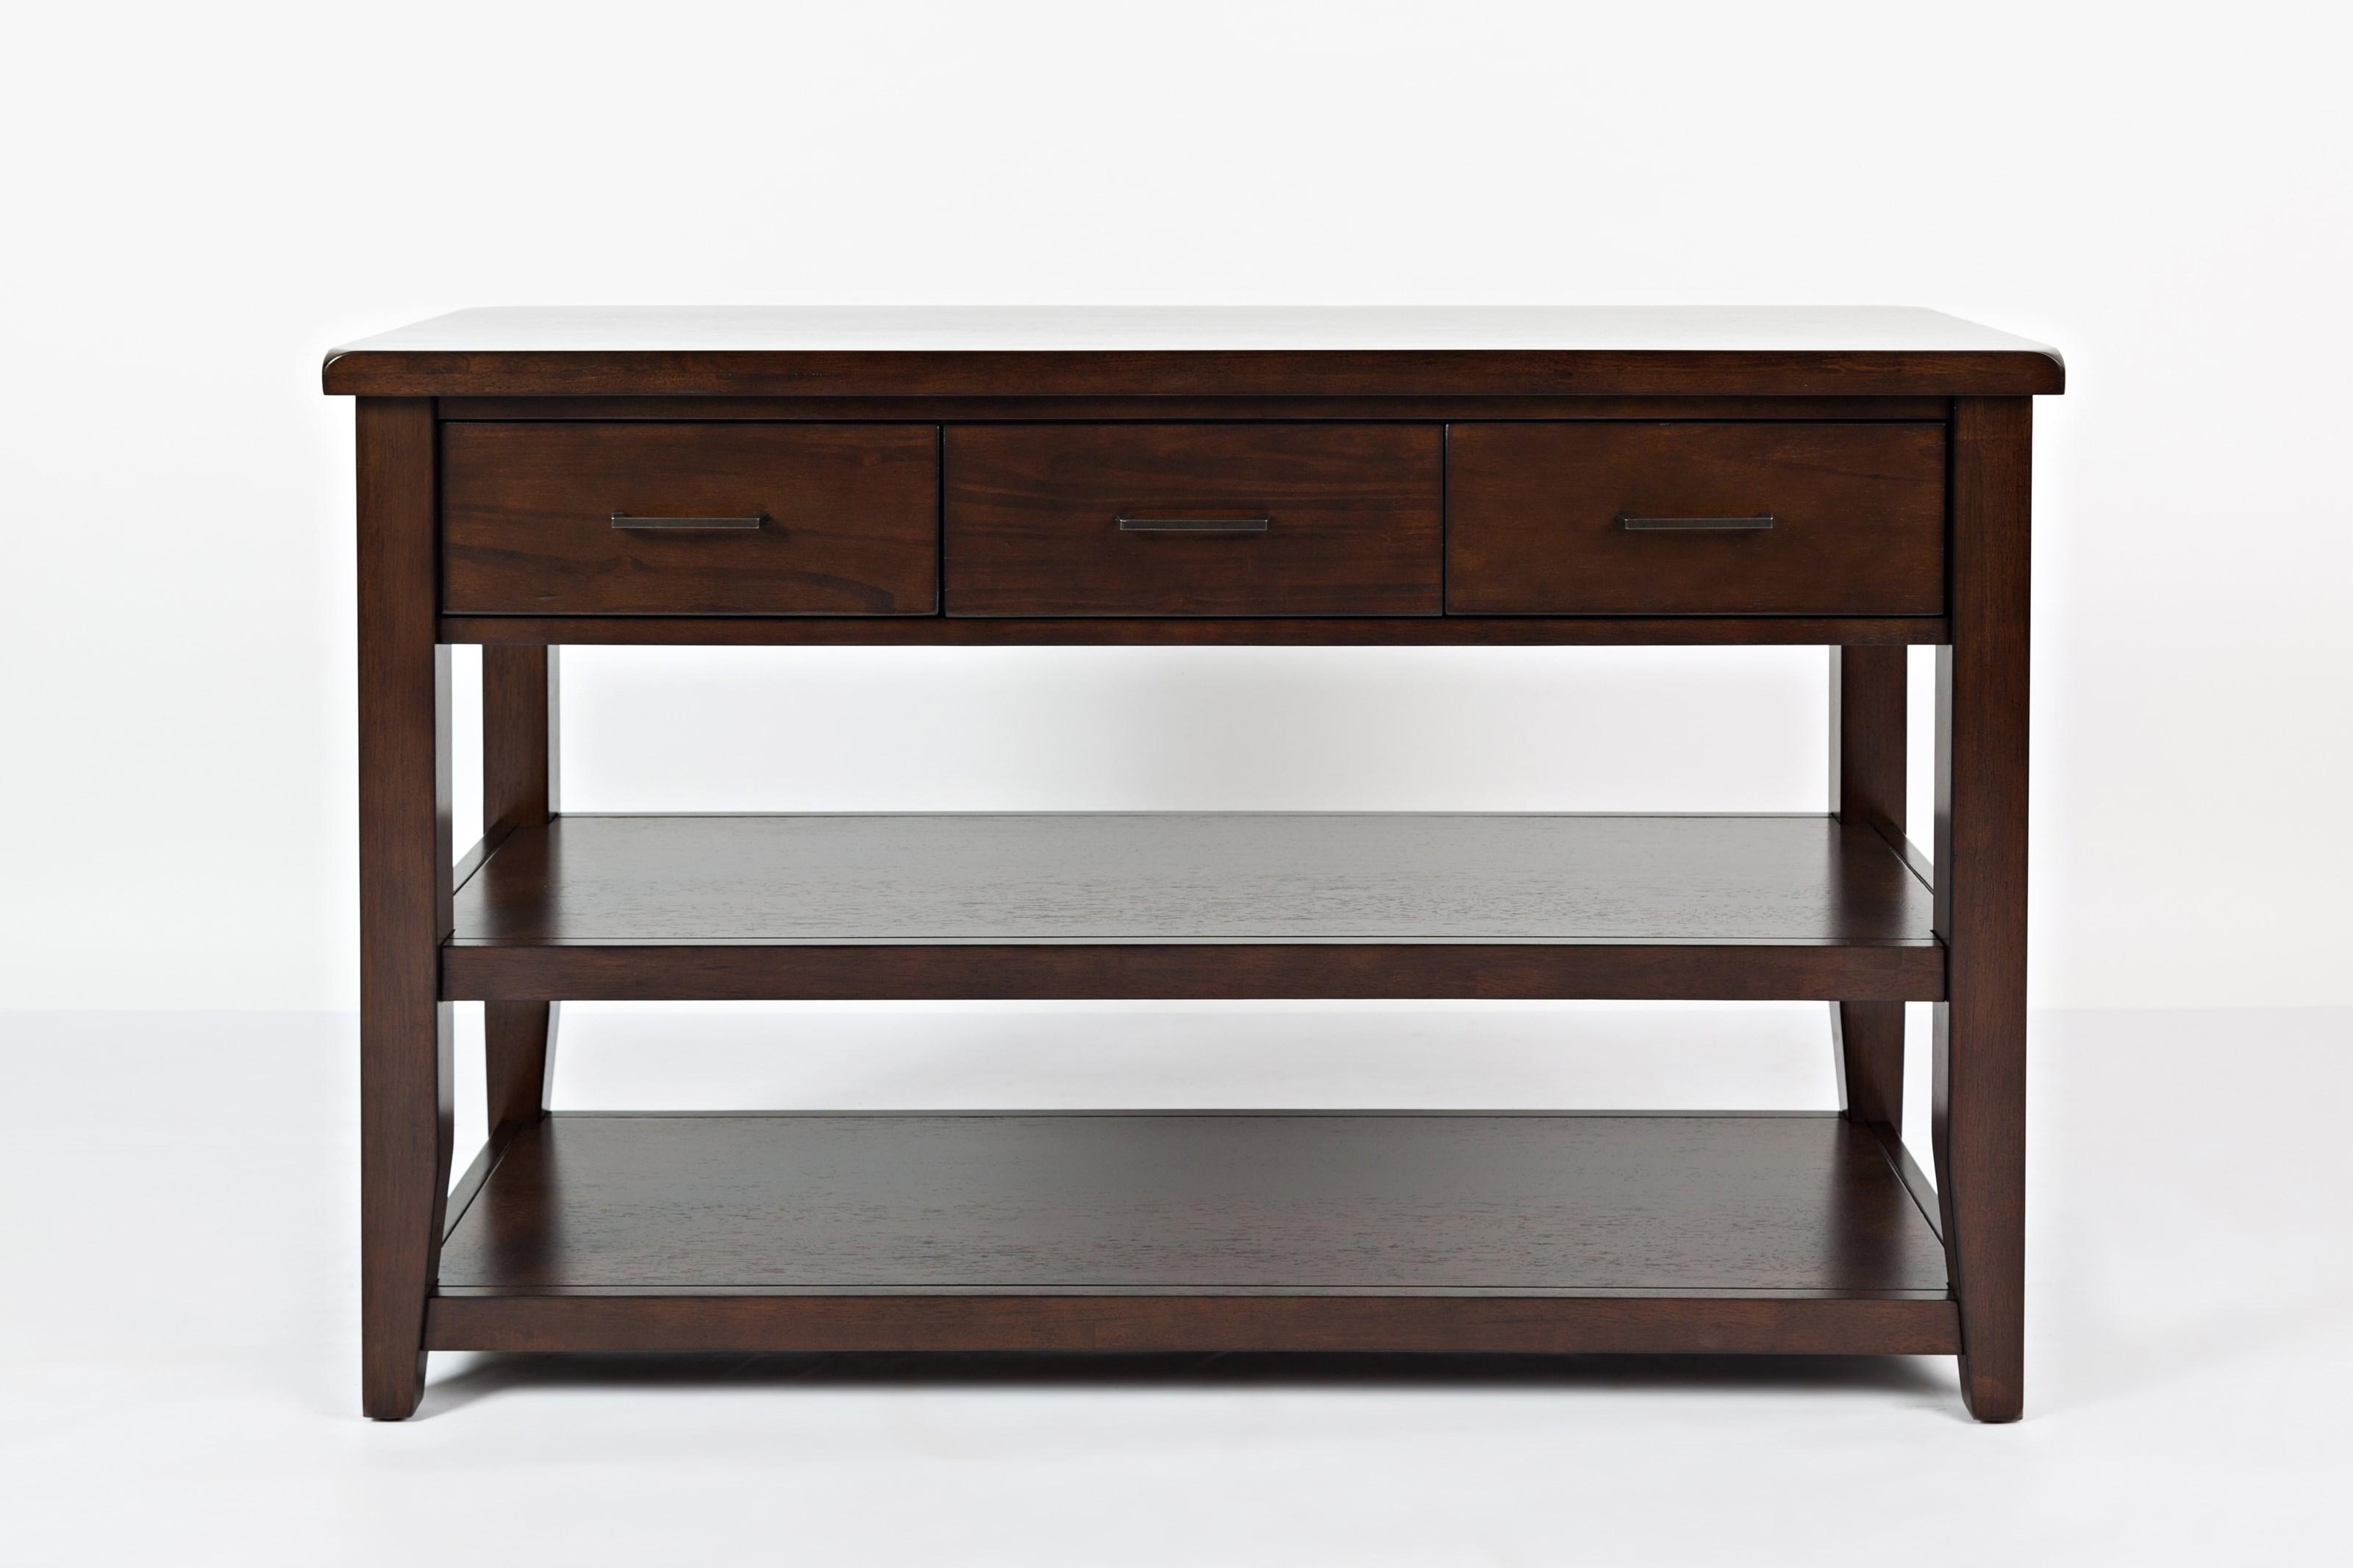 Twin Cities Sofa Table by Jofran at Jofran